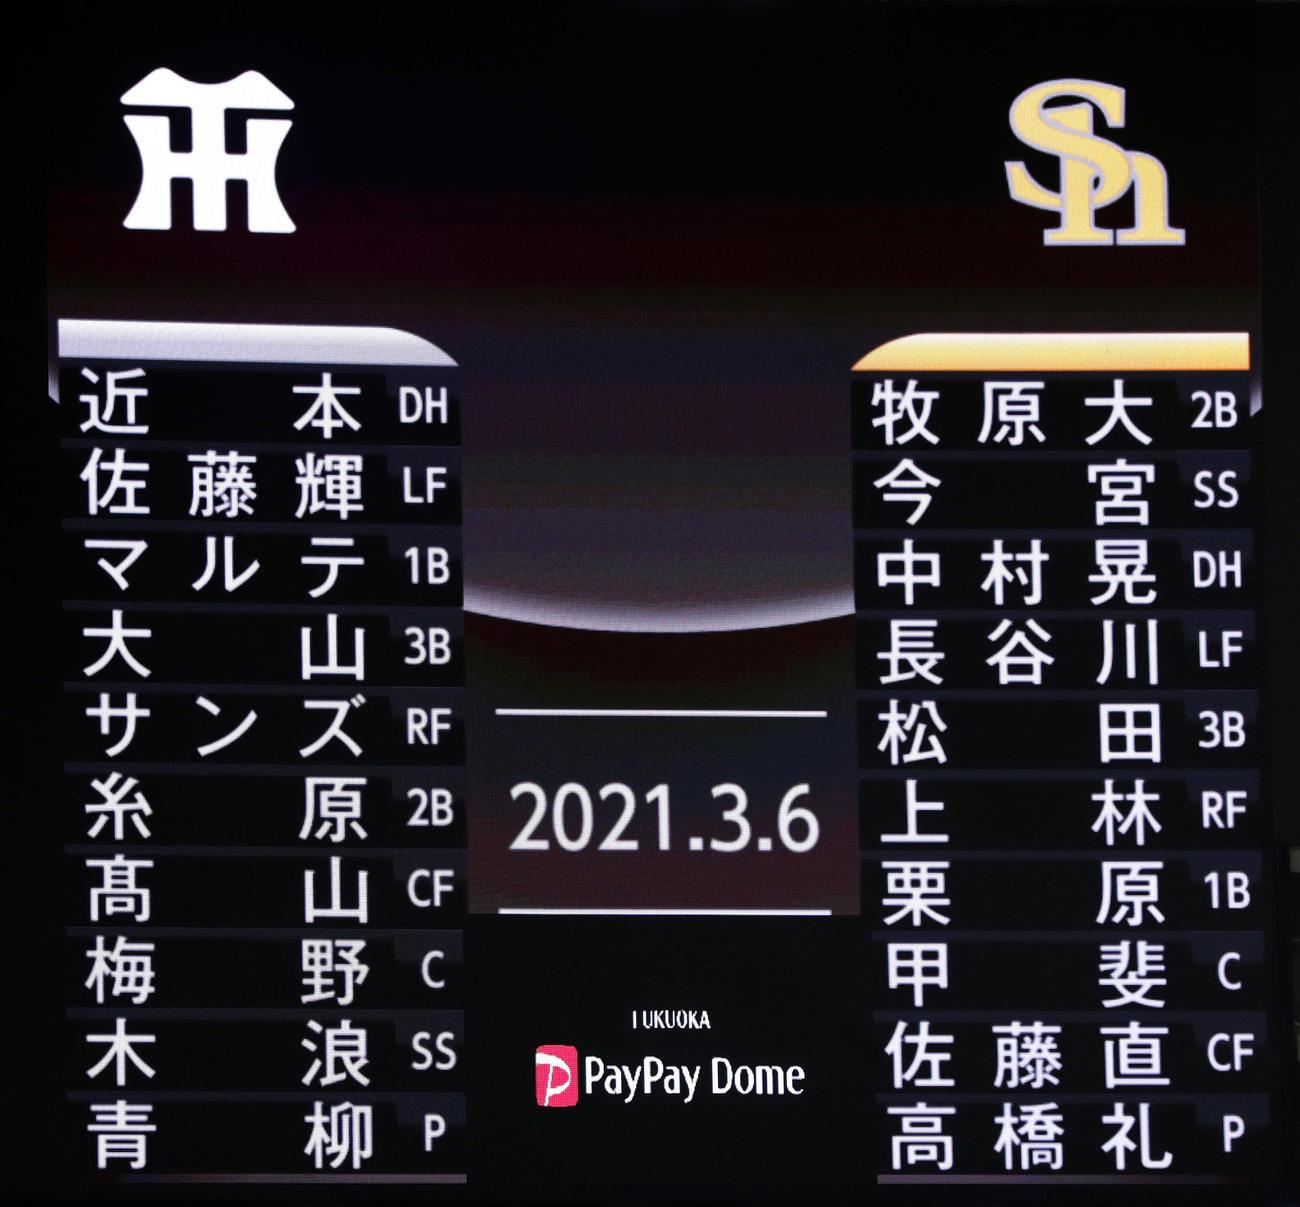 ソフトバンク対阪神 両チームのスターティングメンバー(撮影・前田充)